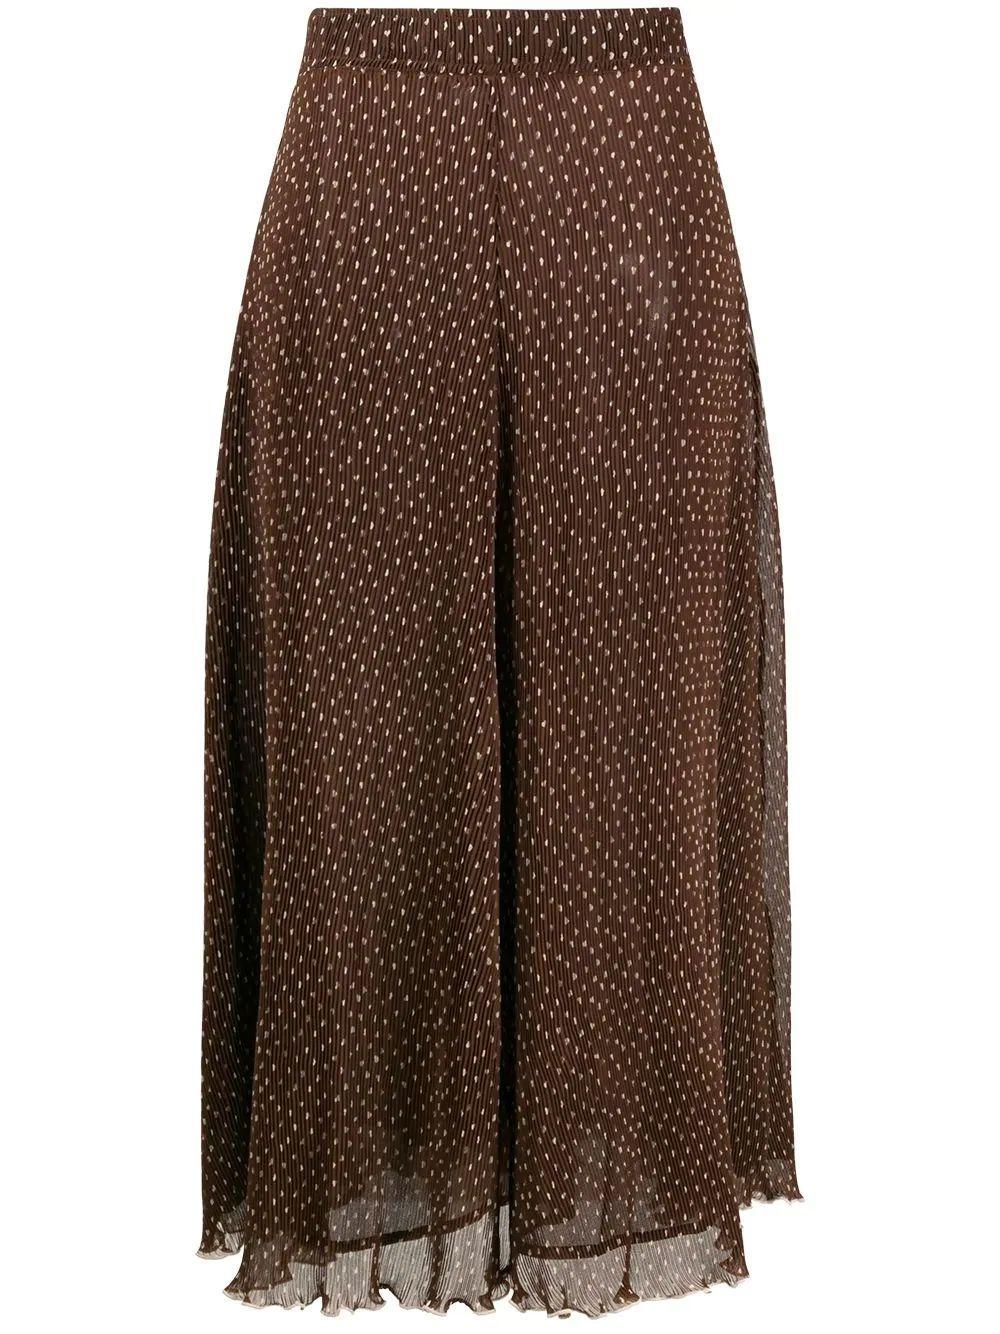 Pleated Geogette Printed Midi Skirt Item # F5302